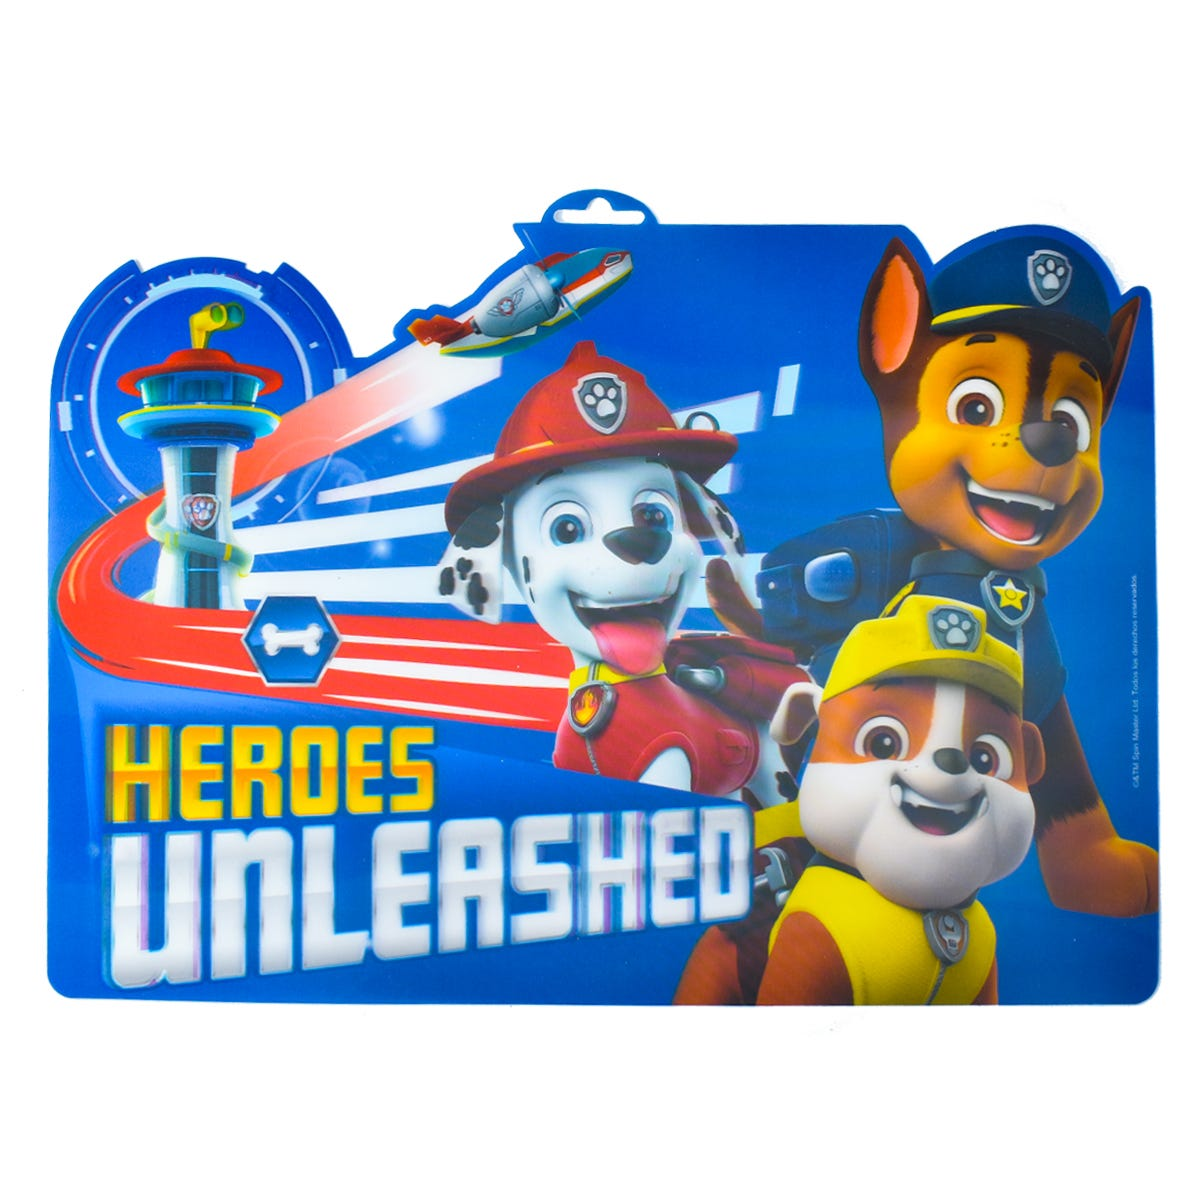 Mantel para niños de plástico Fun Kids® de Paw Patrol tamaño estándar color azul